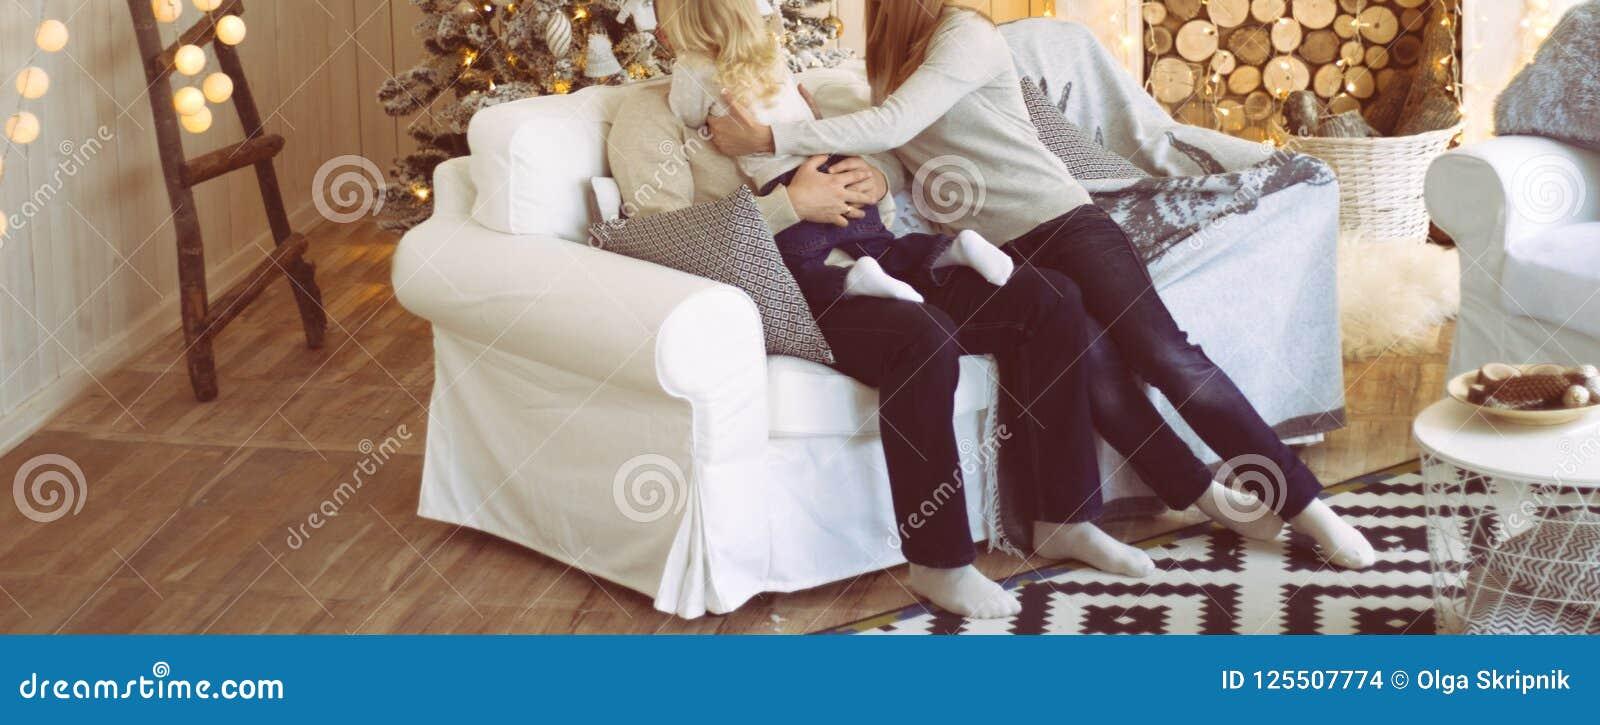 Die Familie nahe dem Kamin und dem Weihnachtsbaum sitzt auf der Couch, das Mädchen erreicht heraus zu ihrem Vater, umarmen ihn Co